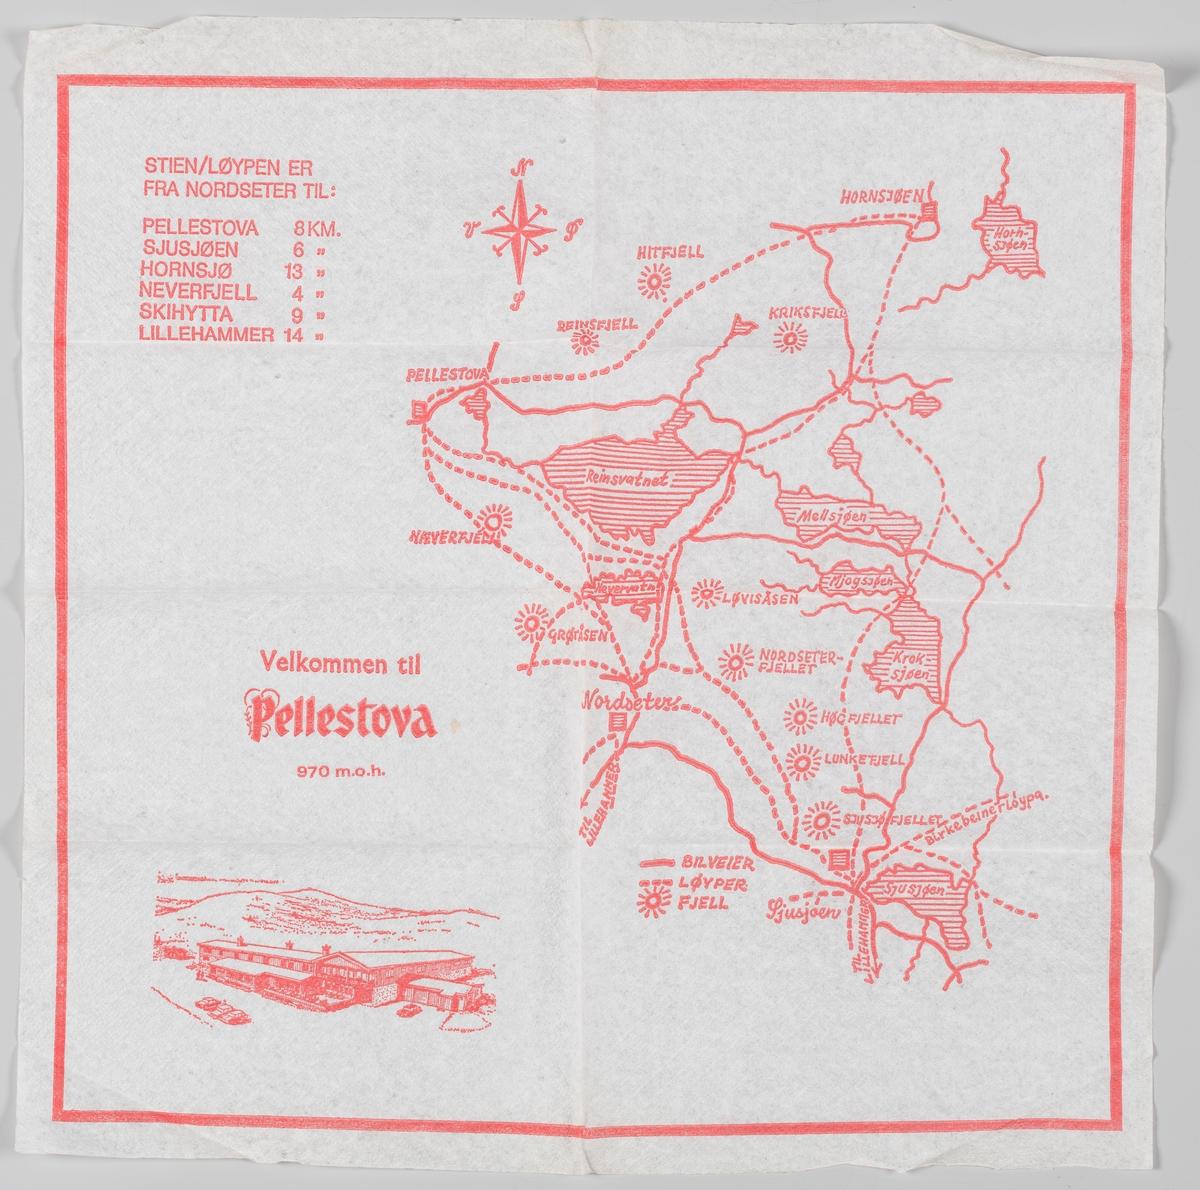 """En tegning av bygningene til Pellestova og et løypekart over området og reklame for Pellestova. Pellestova har en spesiell historie. Pelle Skalmstad (døpt Magnus Vladimir Illarionovich Sladnjev) 1919-1990, var sønn av en ukrainsk flyktning som giftet seg med datteren på gården Skalmstad i Øyer. I 1944 ble Pelle av helsemessige årsaker anbefalt å tilbringe en sommer i fjellet. Han tok med seg det kasserte grisehuset fra gården Skalmstad, og satte det opp på den beste beliggenheten han fant på Hundersetra i Øyerfjellet. I 1945 fikk den vesle bua navnet """"Pellestova"""". Pelle viste seg å være en god forretningsmann, og i 1946 åpnet han vinduet på den lille Pellestova og solgte kaffe.  Han så fort et potensial i dette, og historien om Pellestova som fjellstue og overnattingsplass var i gang. Pelle utvidet i takt med pågangen, og Pellestova ble etter hvert et lite hotell. Pelle døde i 1990.  Da drivkraften ble borte kom nedturen fort. Ingen klarte å videreføre Pelles livsverk, og i 2003 ble Pellestova stengt. Bygningsmassen var råtten, økonomien var dårlig og gjestene uteble. I 2006 ble restene av Pellestova solgt som et prosjekt. Etter mange år med store utfordringer ble Pellestova gjenåpnet i 2009. Eierstrukturen har endret seg og eies i dag av Bjørn Rune Gjelsten. Etter store investeringer fremstår Pellestova Hotell Hafjell i dag som et topp moderne fjellhotell."""